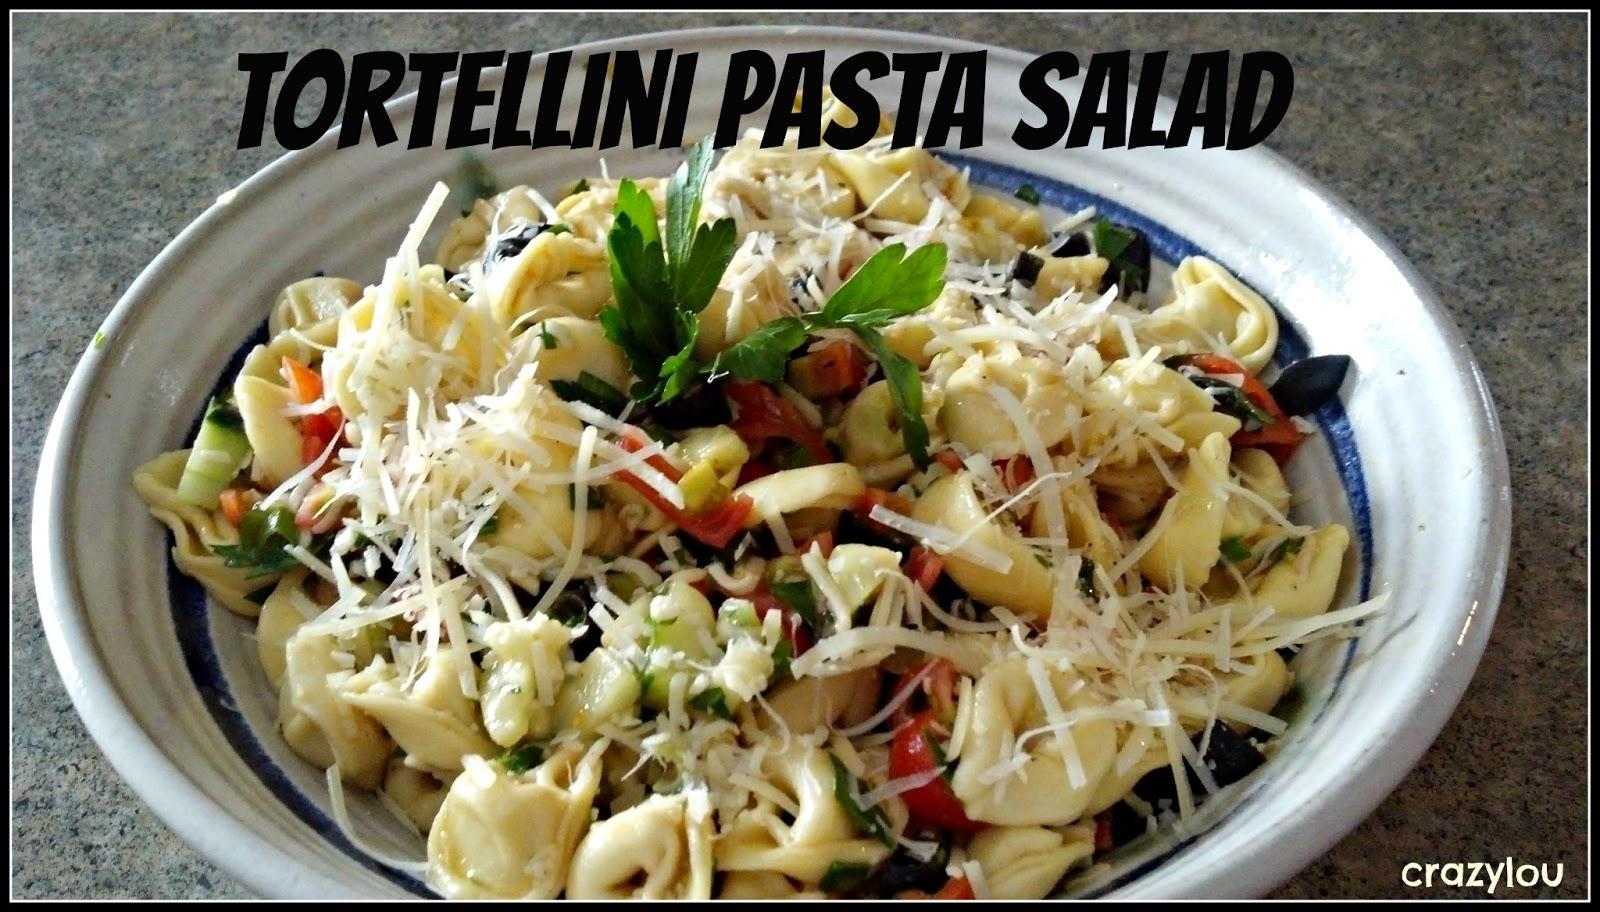 crazylou: Tasty Tuesday--Tortellini Pasta Salad